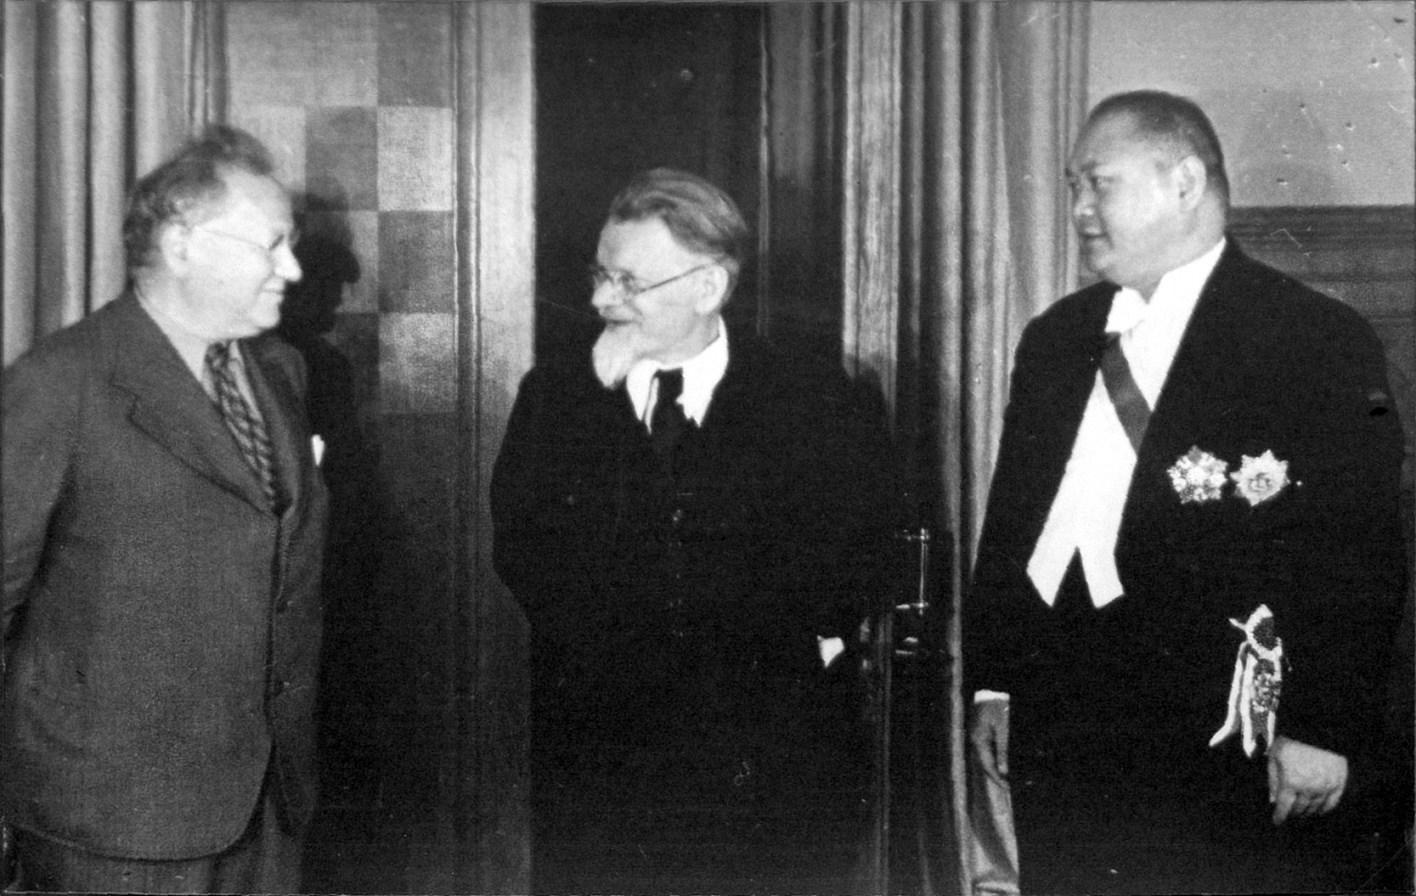 М. М. Литвинов, М. И. Калинин и посол Китайской Республики в СССР Янь Цзэ. 1938